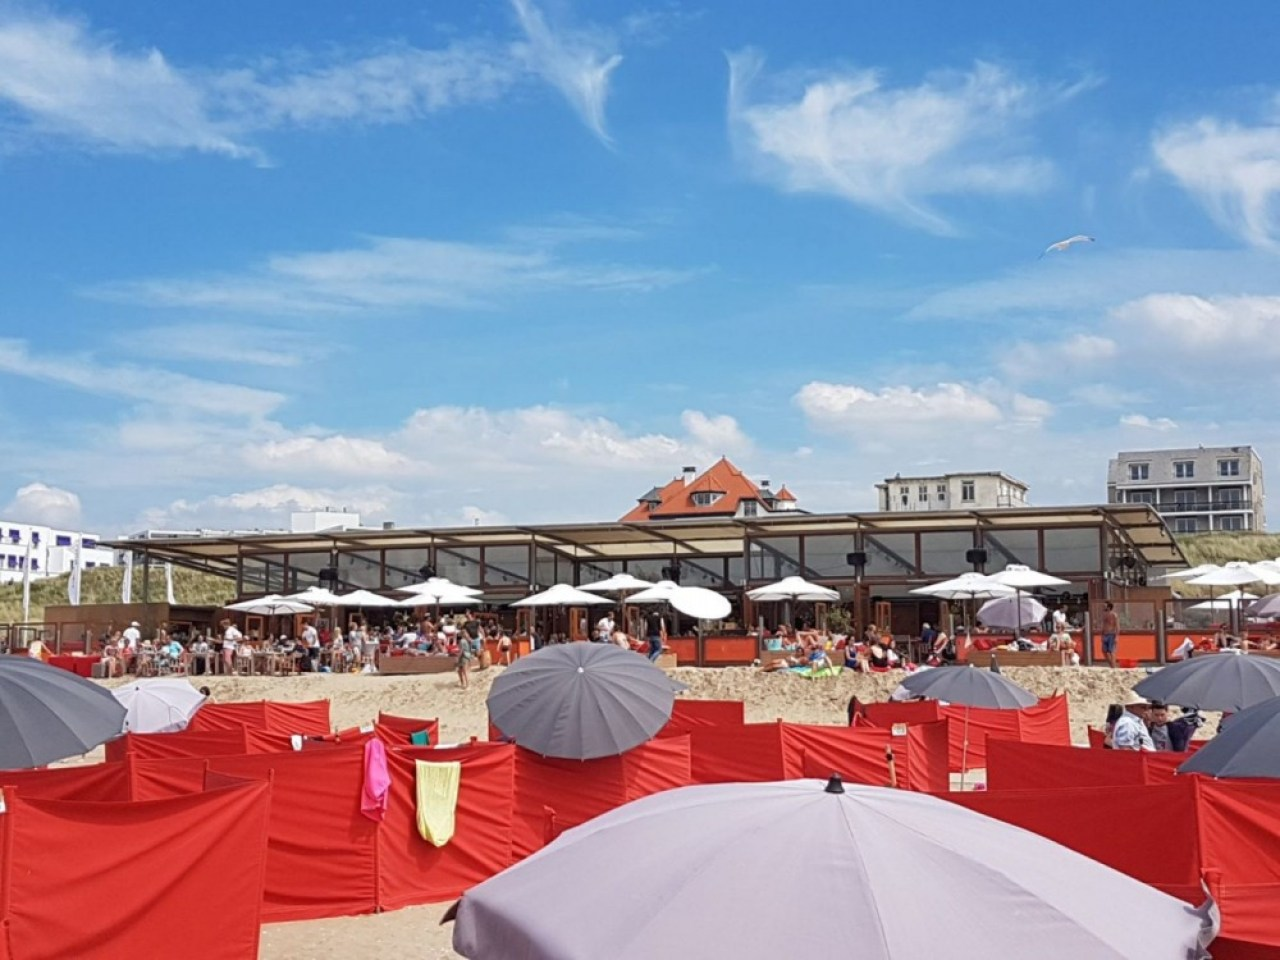 IMG 20170612 WA0010 - Beachclub Bries in Noordwijk aan zee